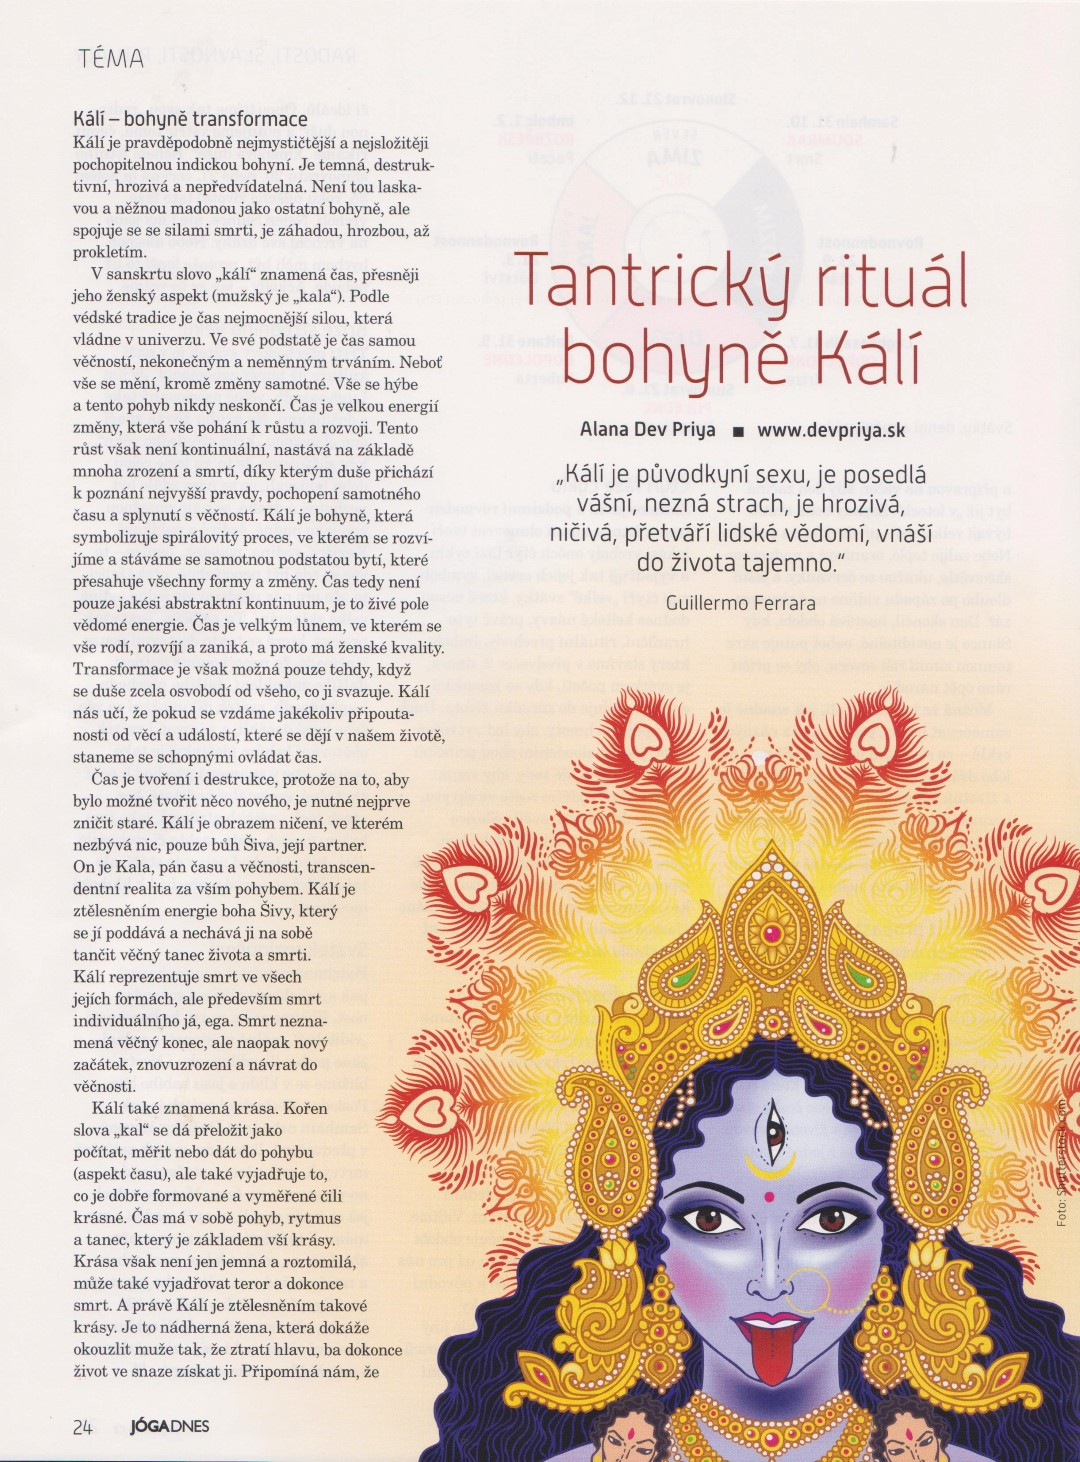 Tantrický rituál bohyne Kálí